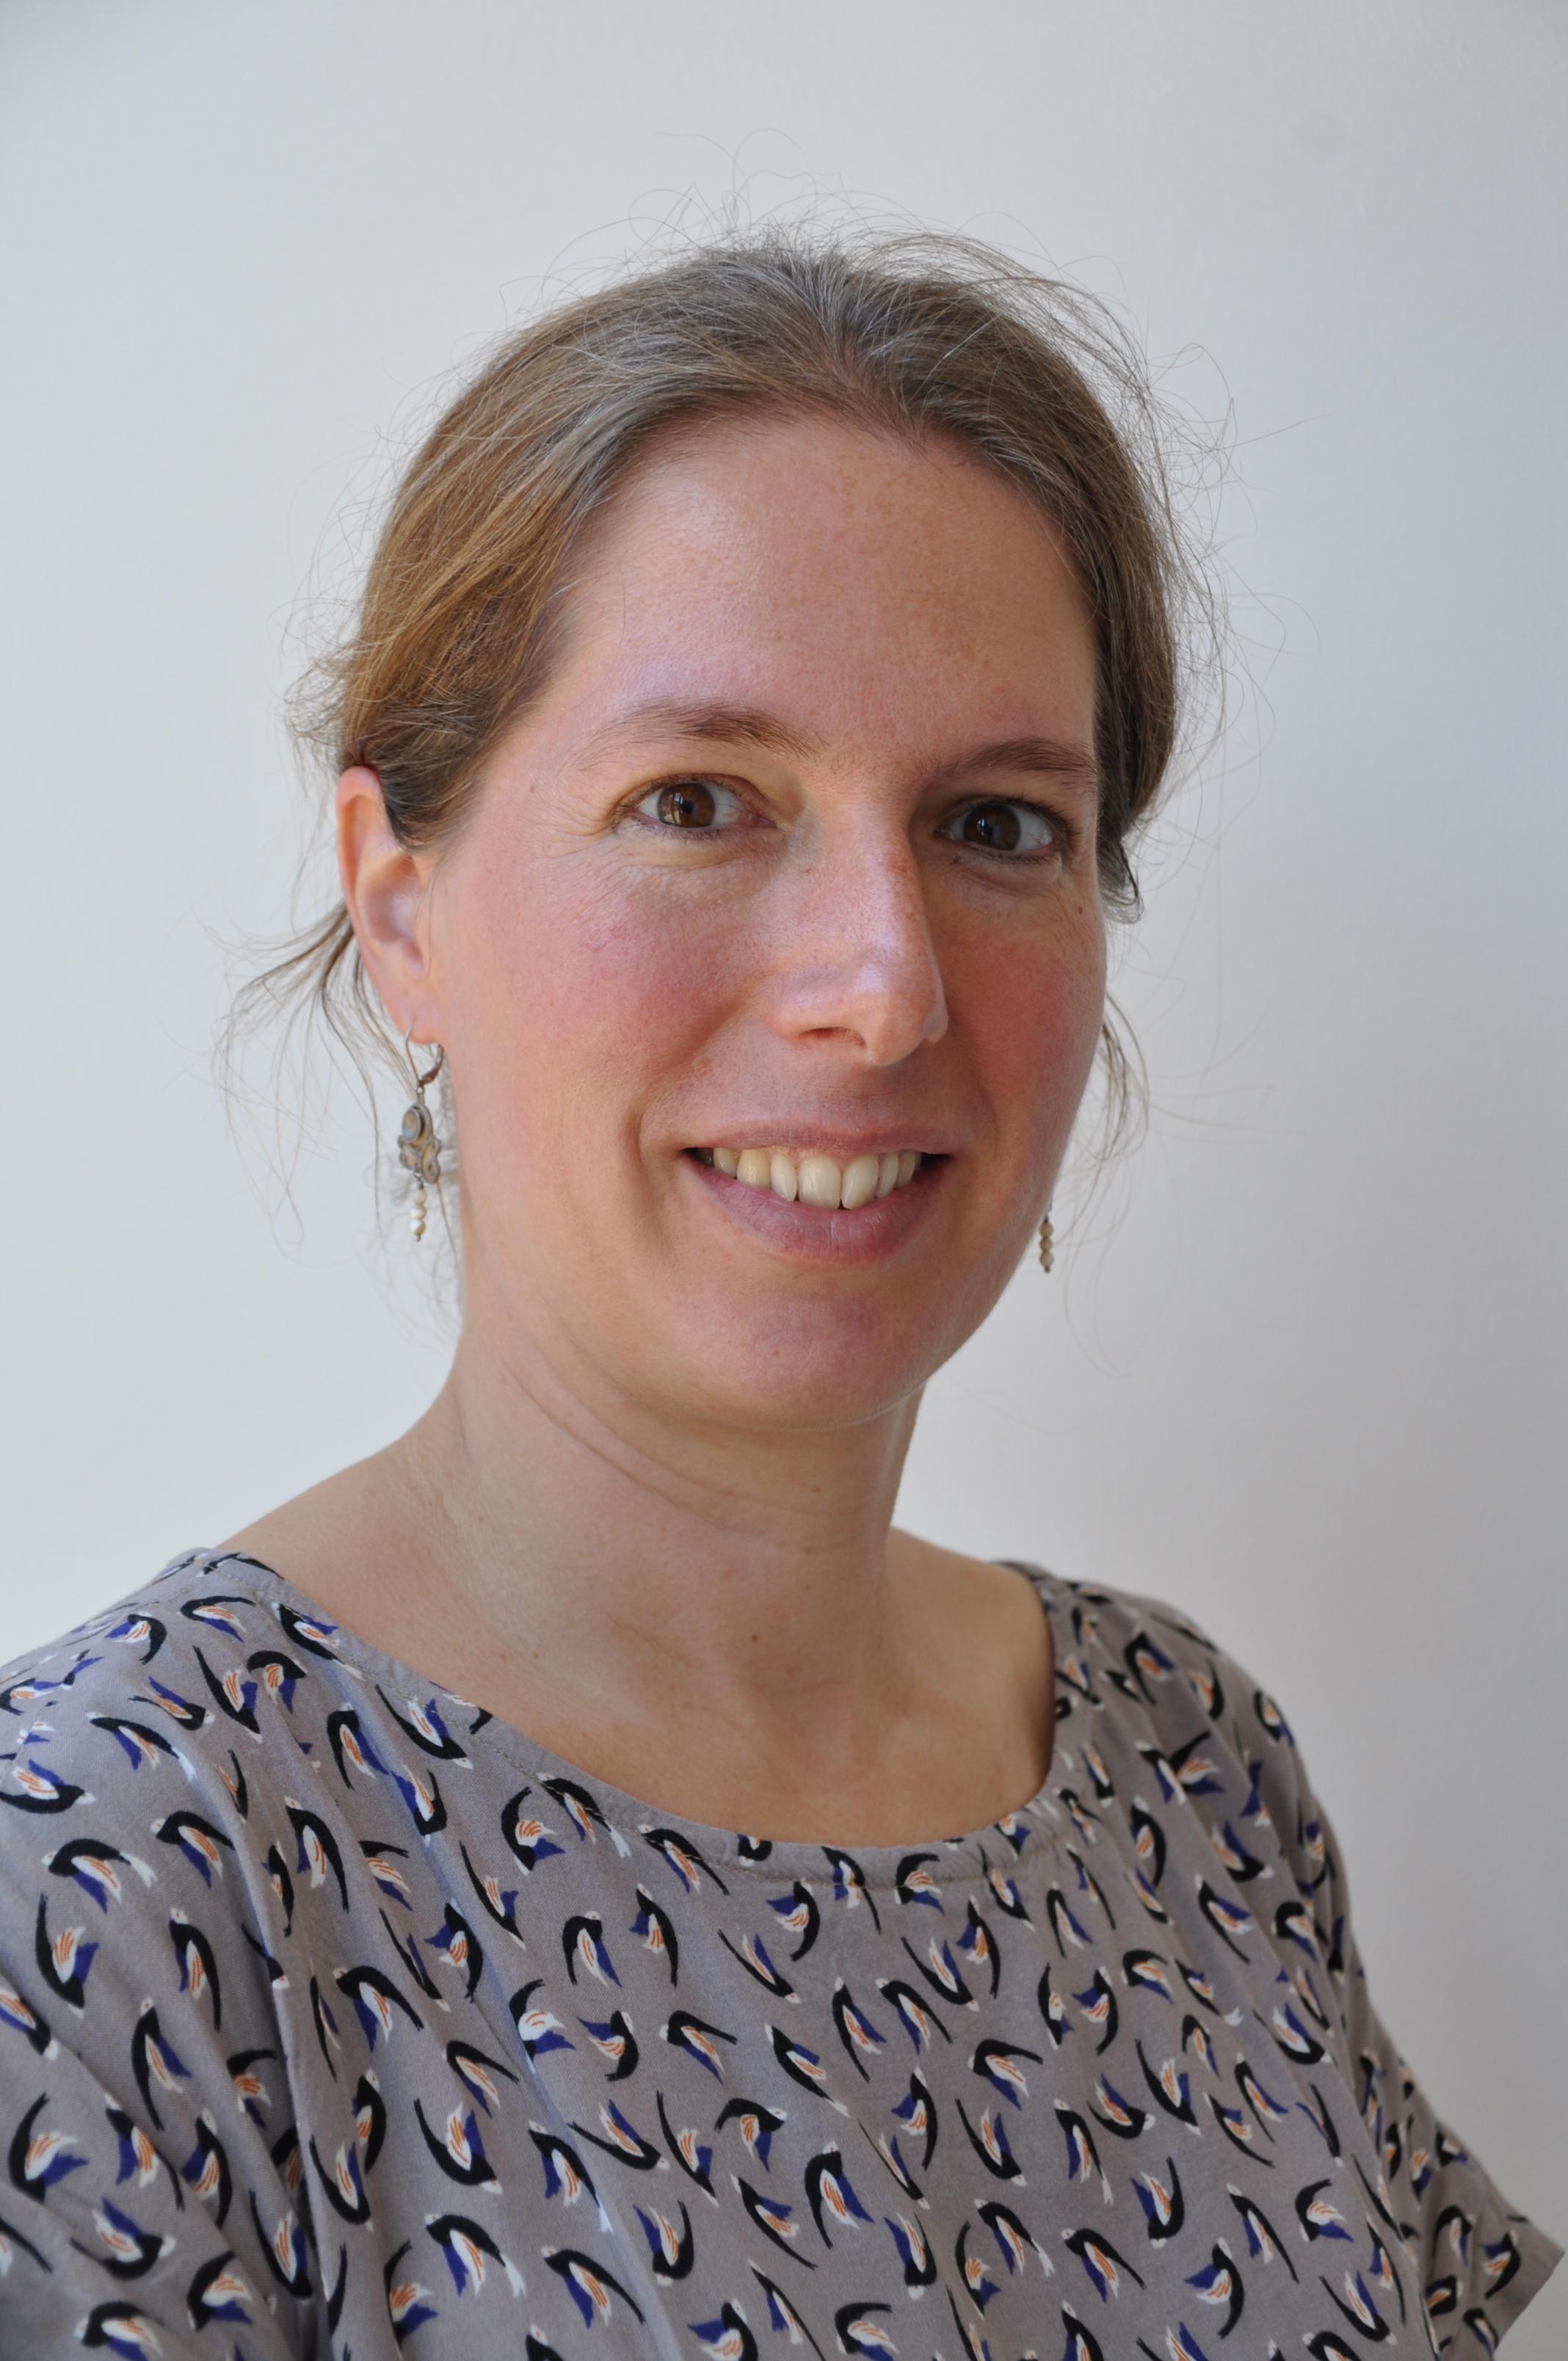 Dr. Sara Brankaer